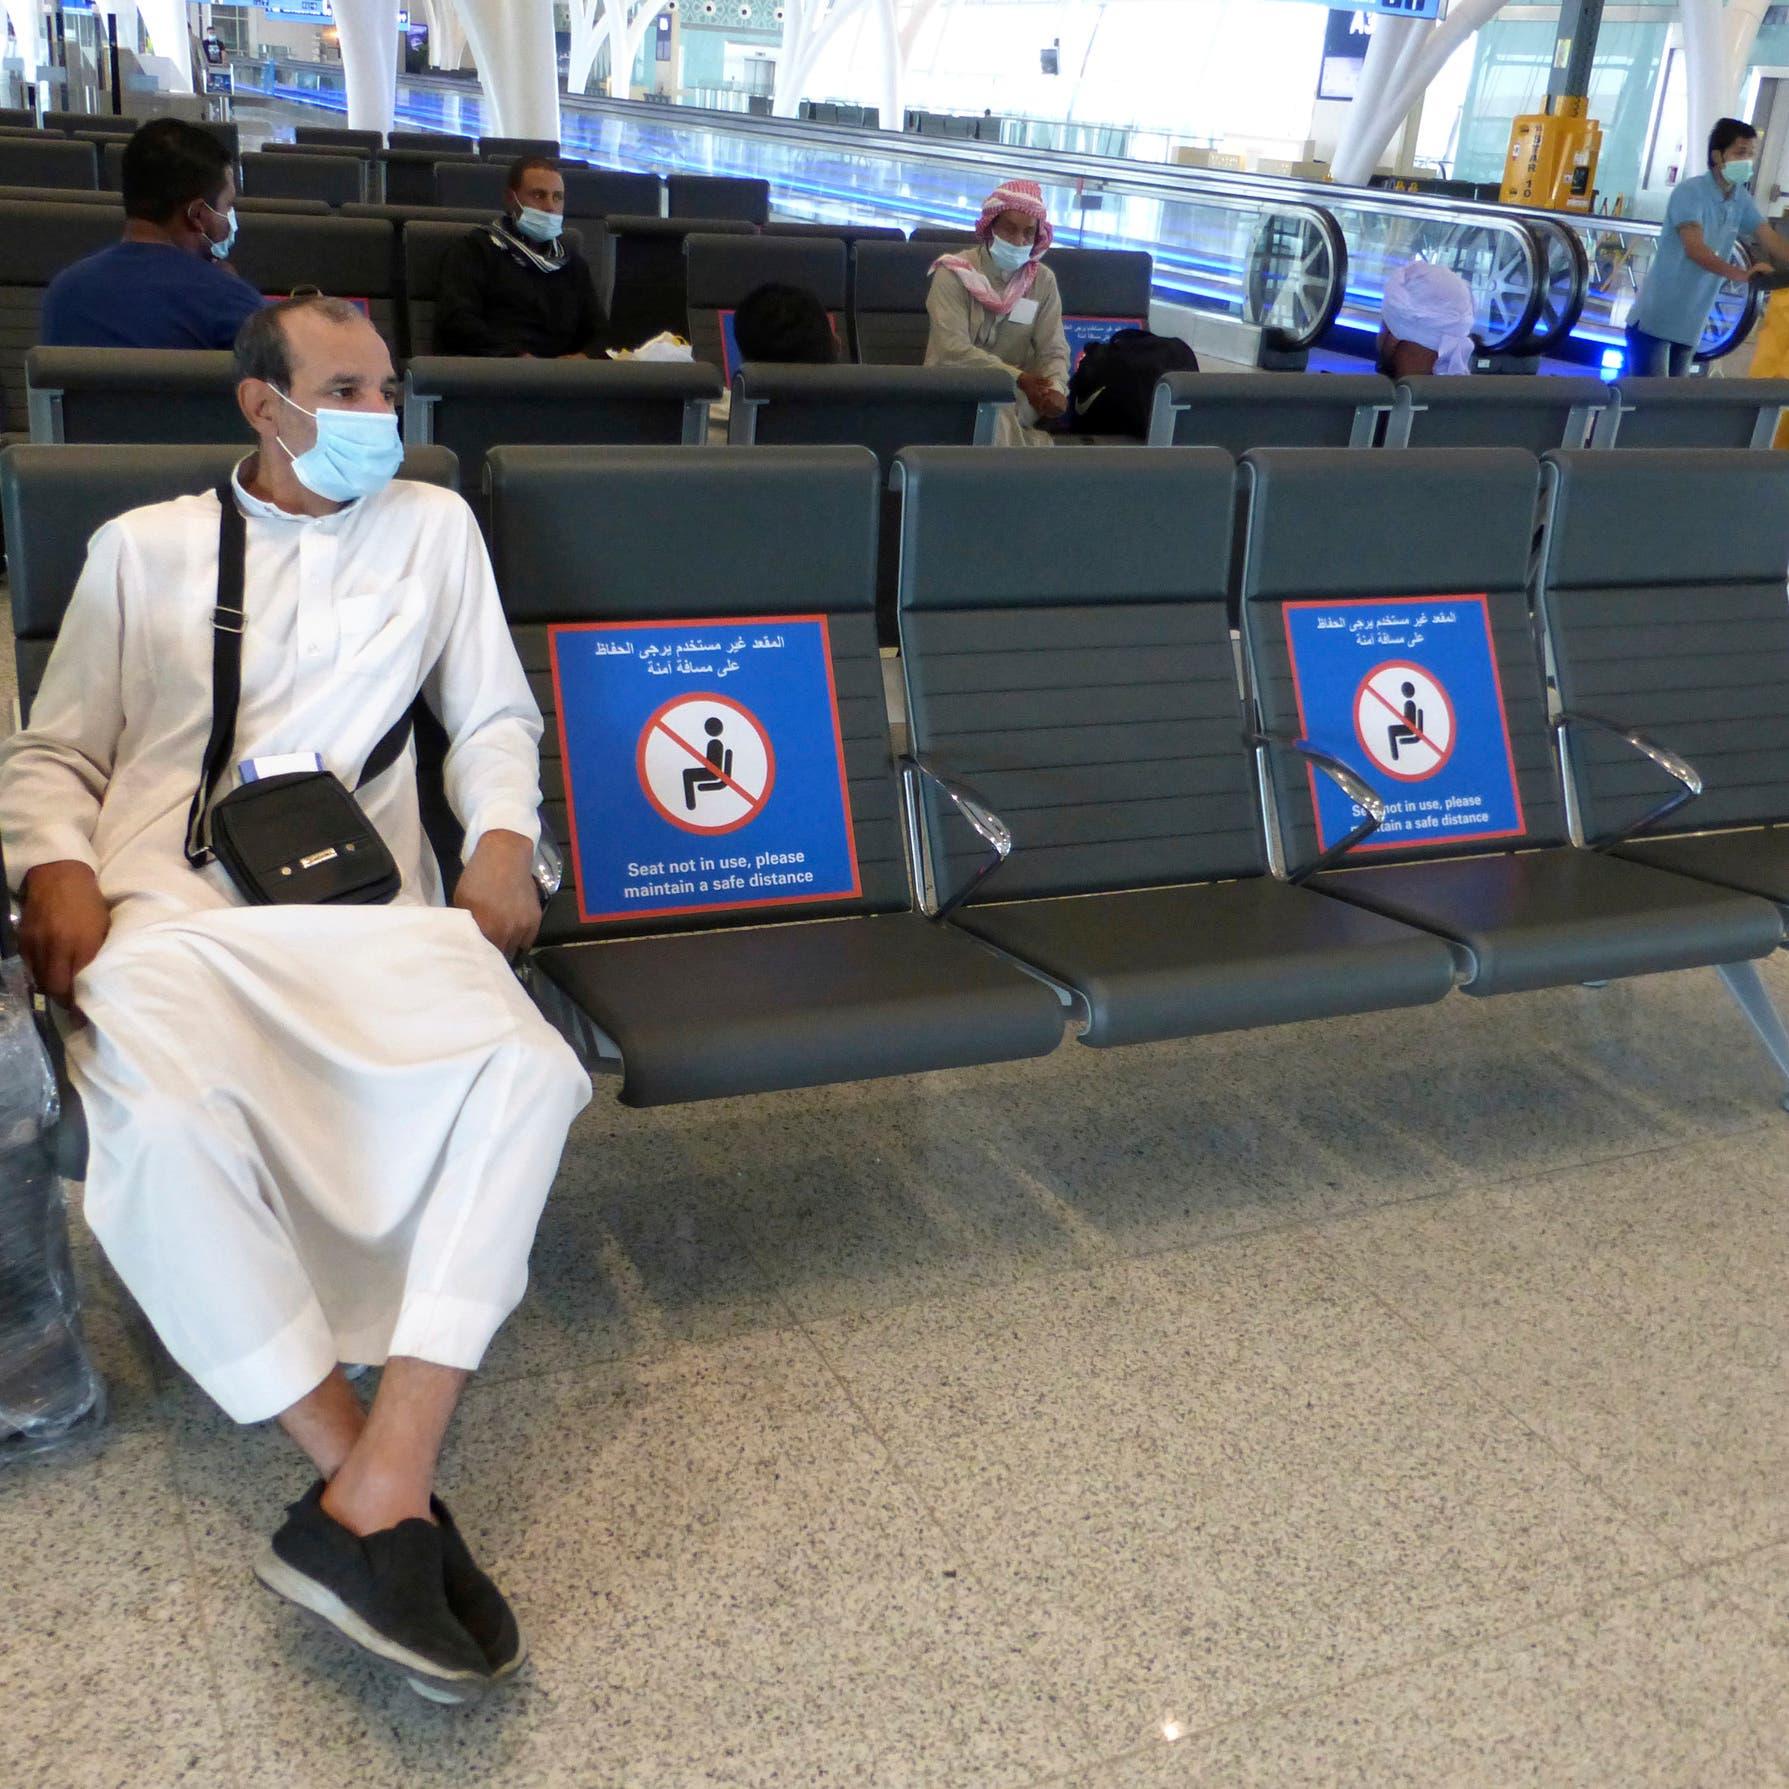 إياتا: 1.7 مليون وظيفة ستُفقد في الشرق الأوسط مع تعليق السفر